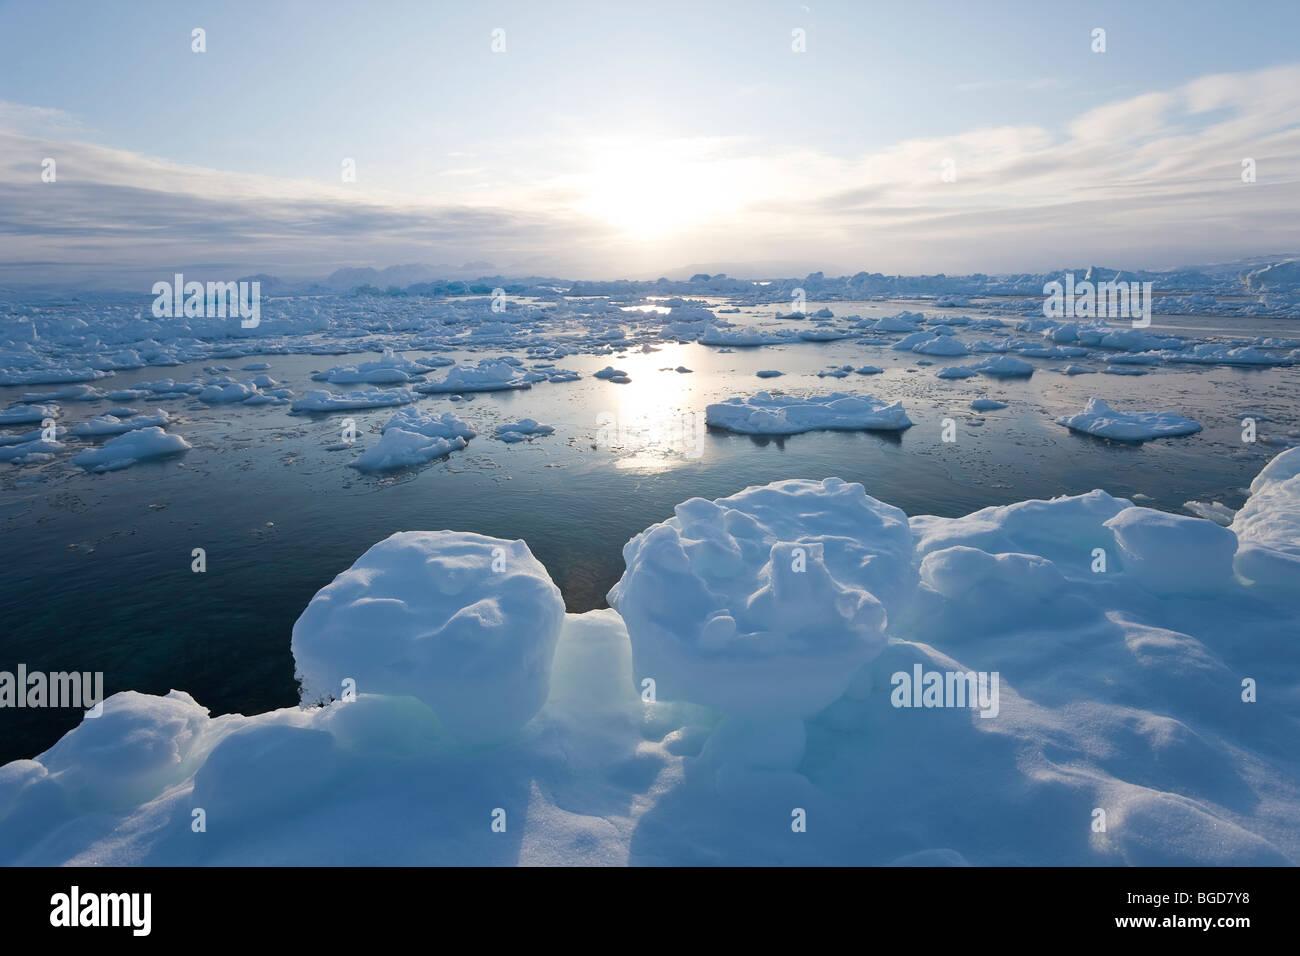 Sea ice in fjord, Tiniteqilaq, Greenland - Stock Image